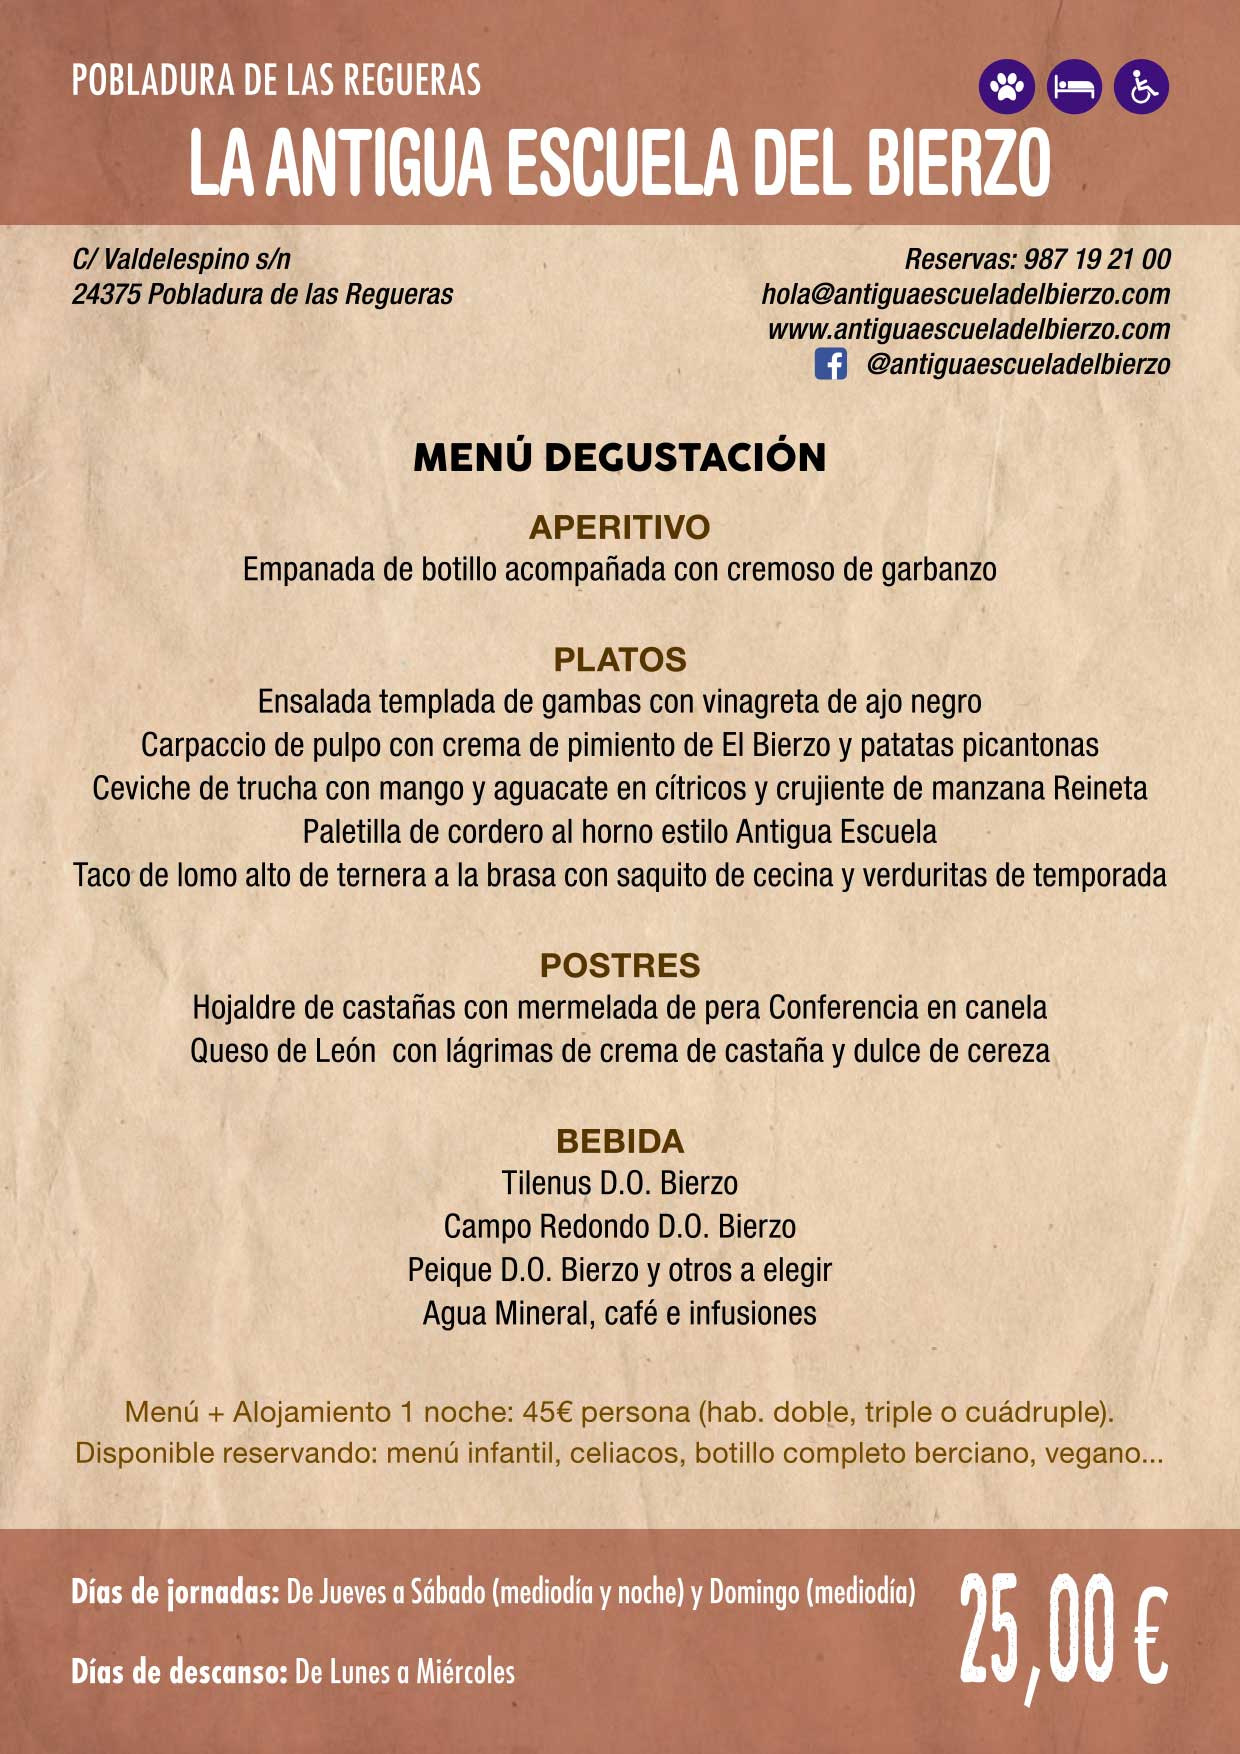 XXXVI Jornadas Gastronómicas De El Bierzo 2020. Consulta los restaurantes y menús 14